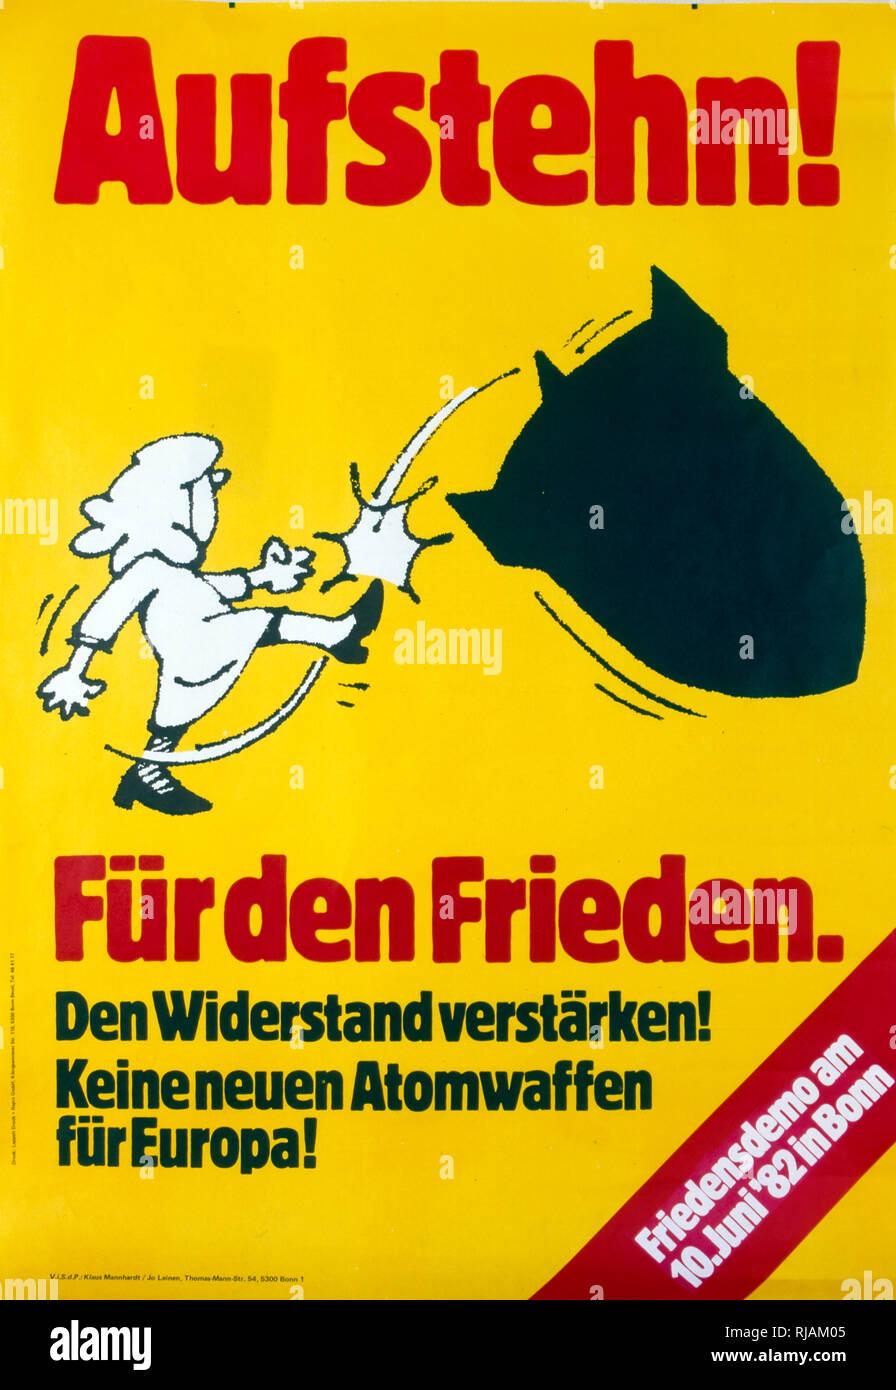 """Aufstehn fur den frieden"""", defender la paz. Berlín Occidental el movimiento por la paz, contra la guerra nuclear, póster, 1980-1985. Imagen De Stock"""